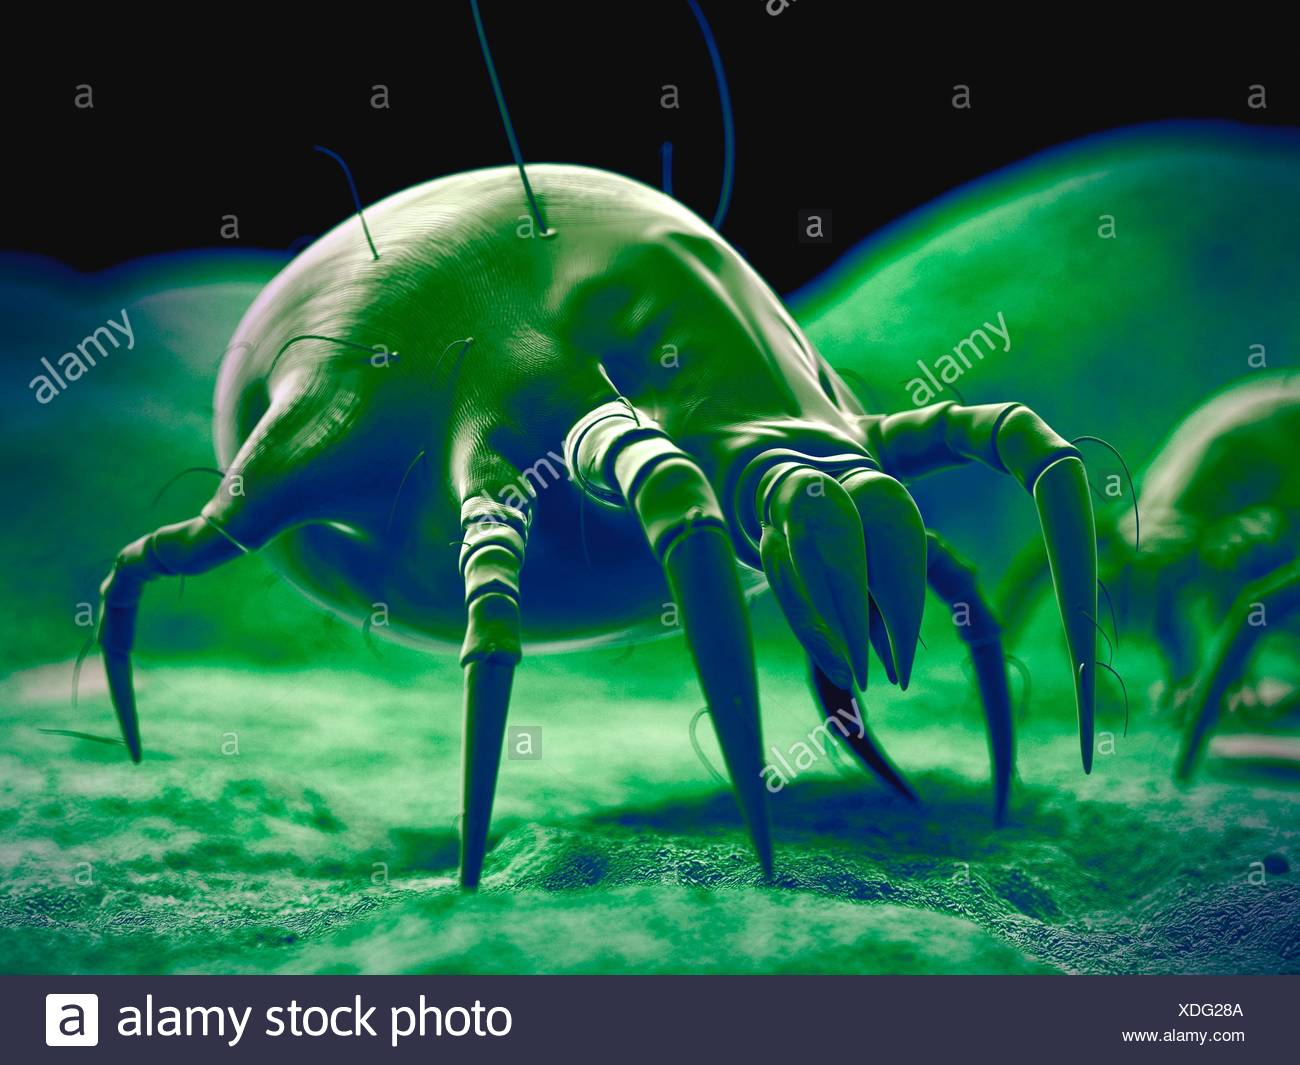 Dust mite, illustration. Stock Photo